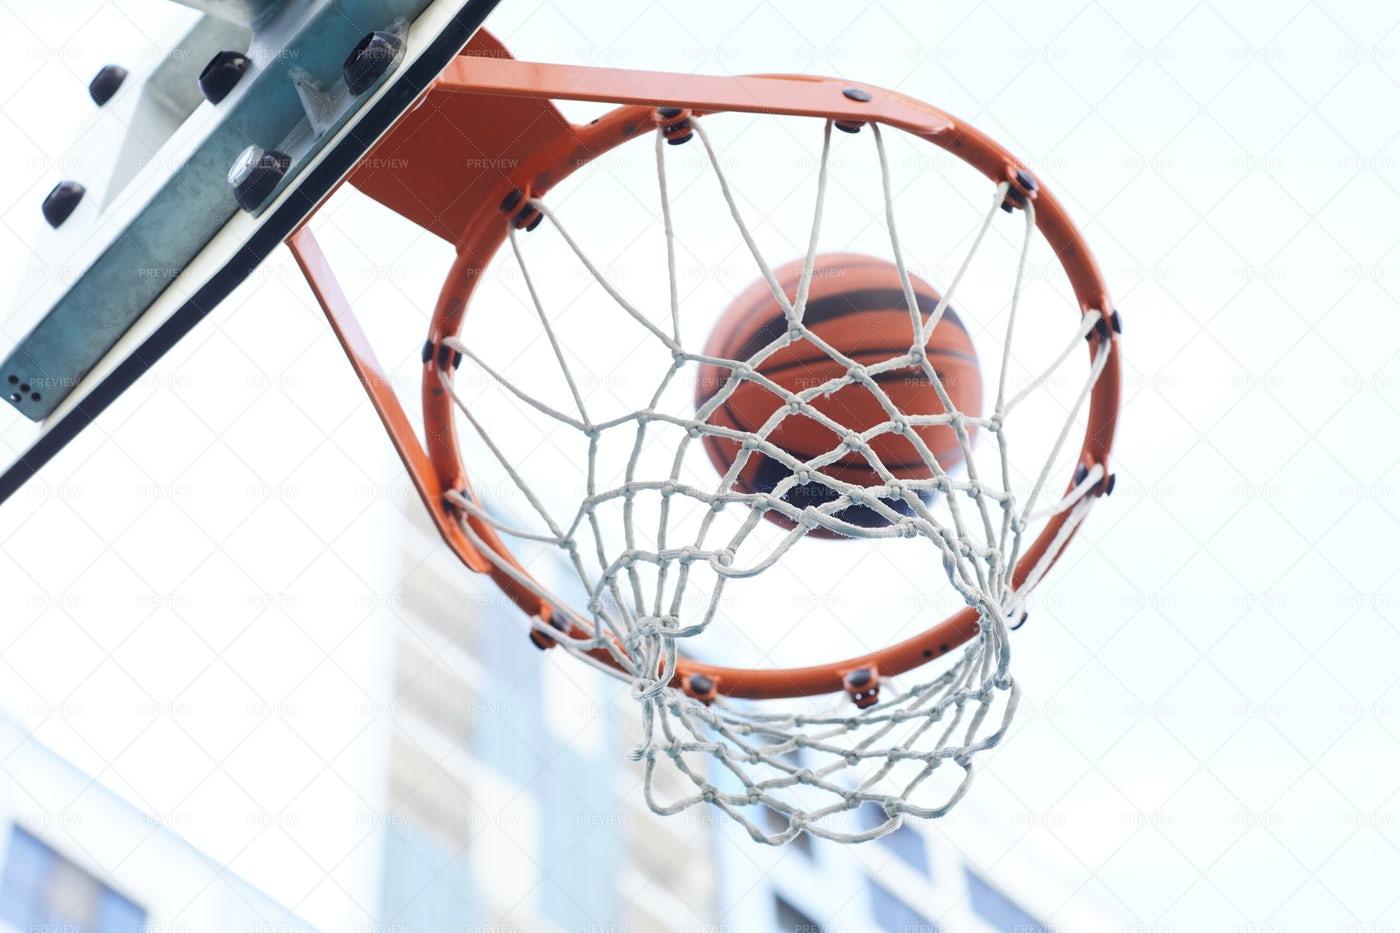 Basketball Hoop Close Up: Stock Photos